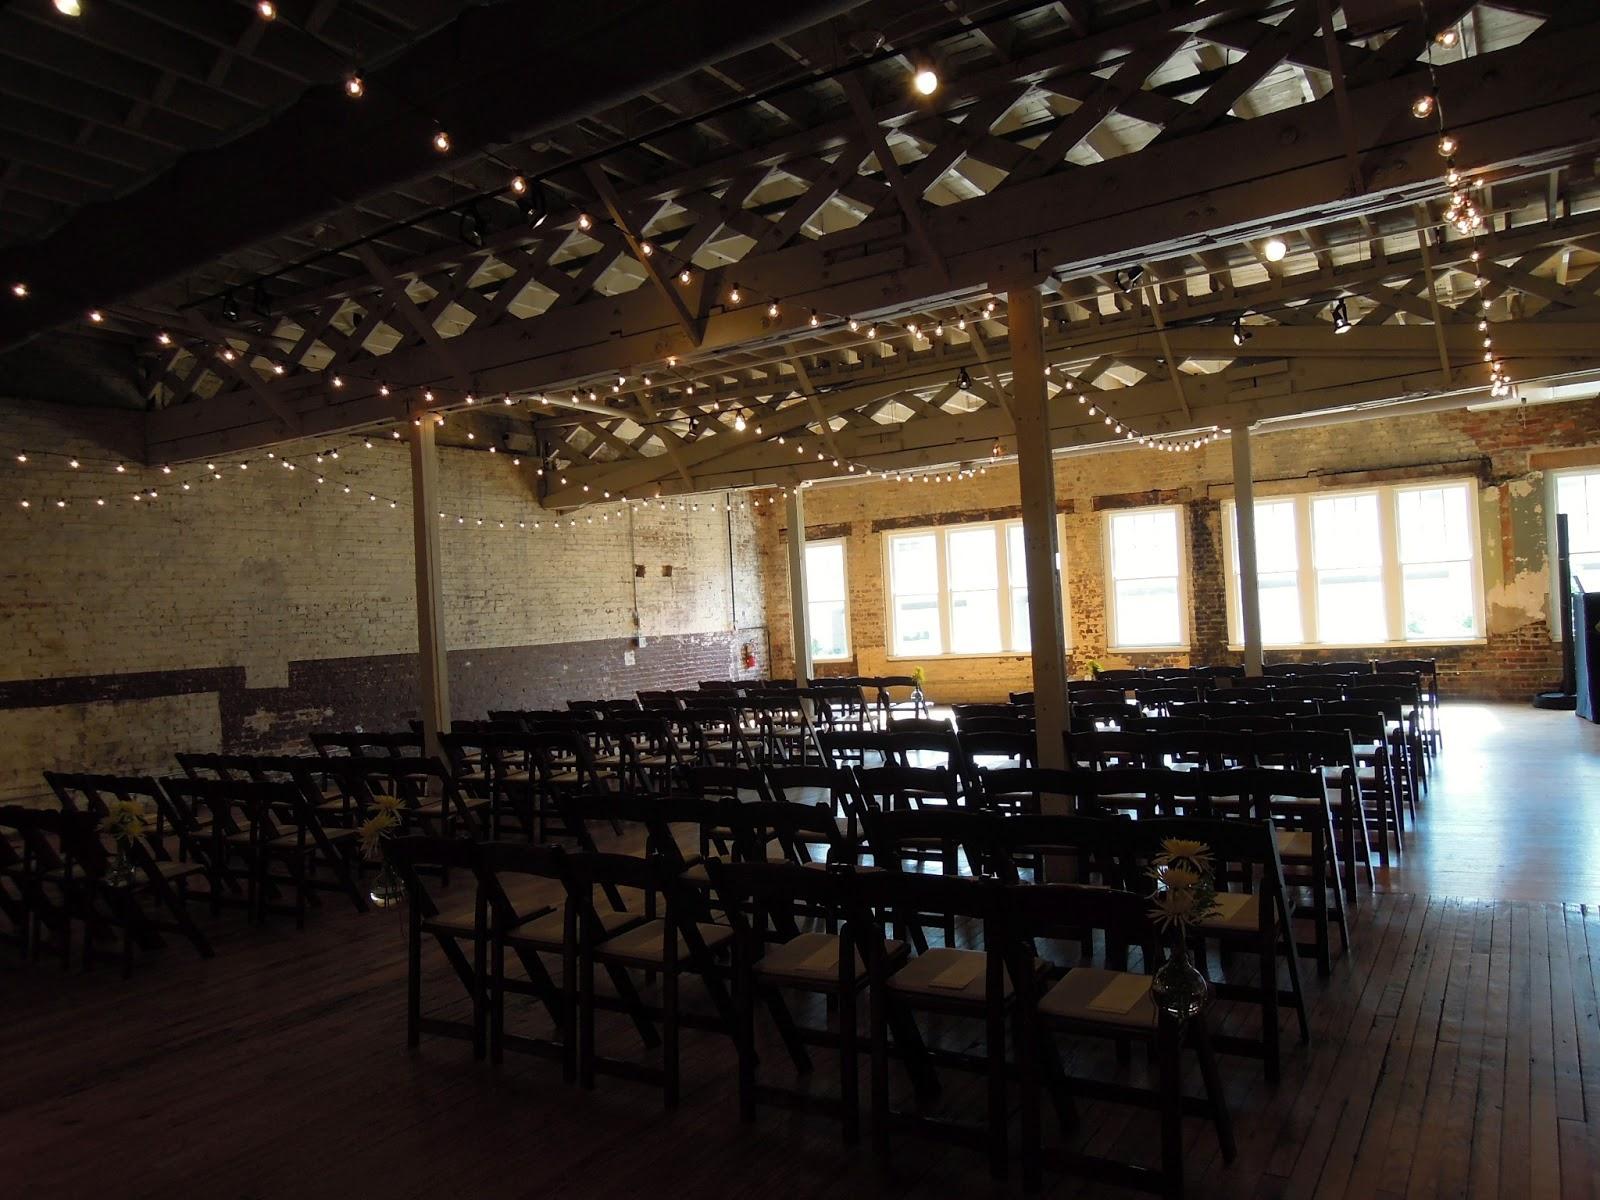 Raleigh Wedding Blog Amanda and David Wed at The Stockroom